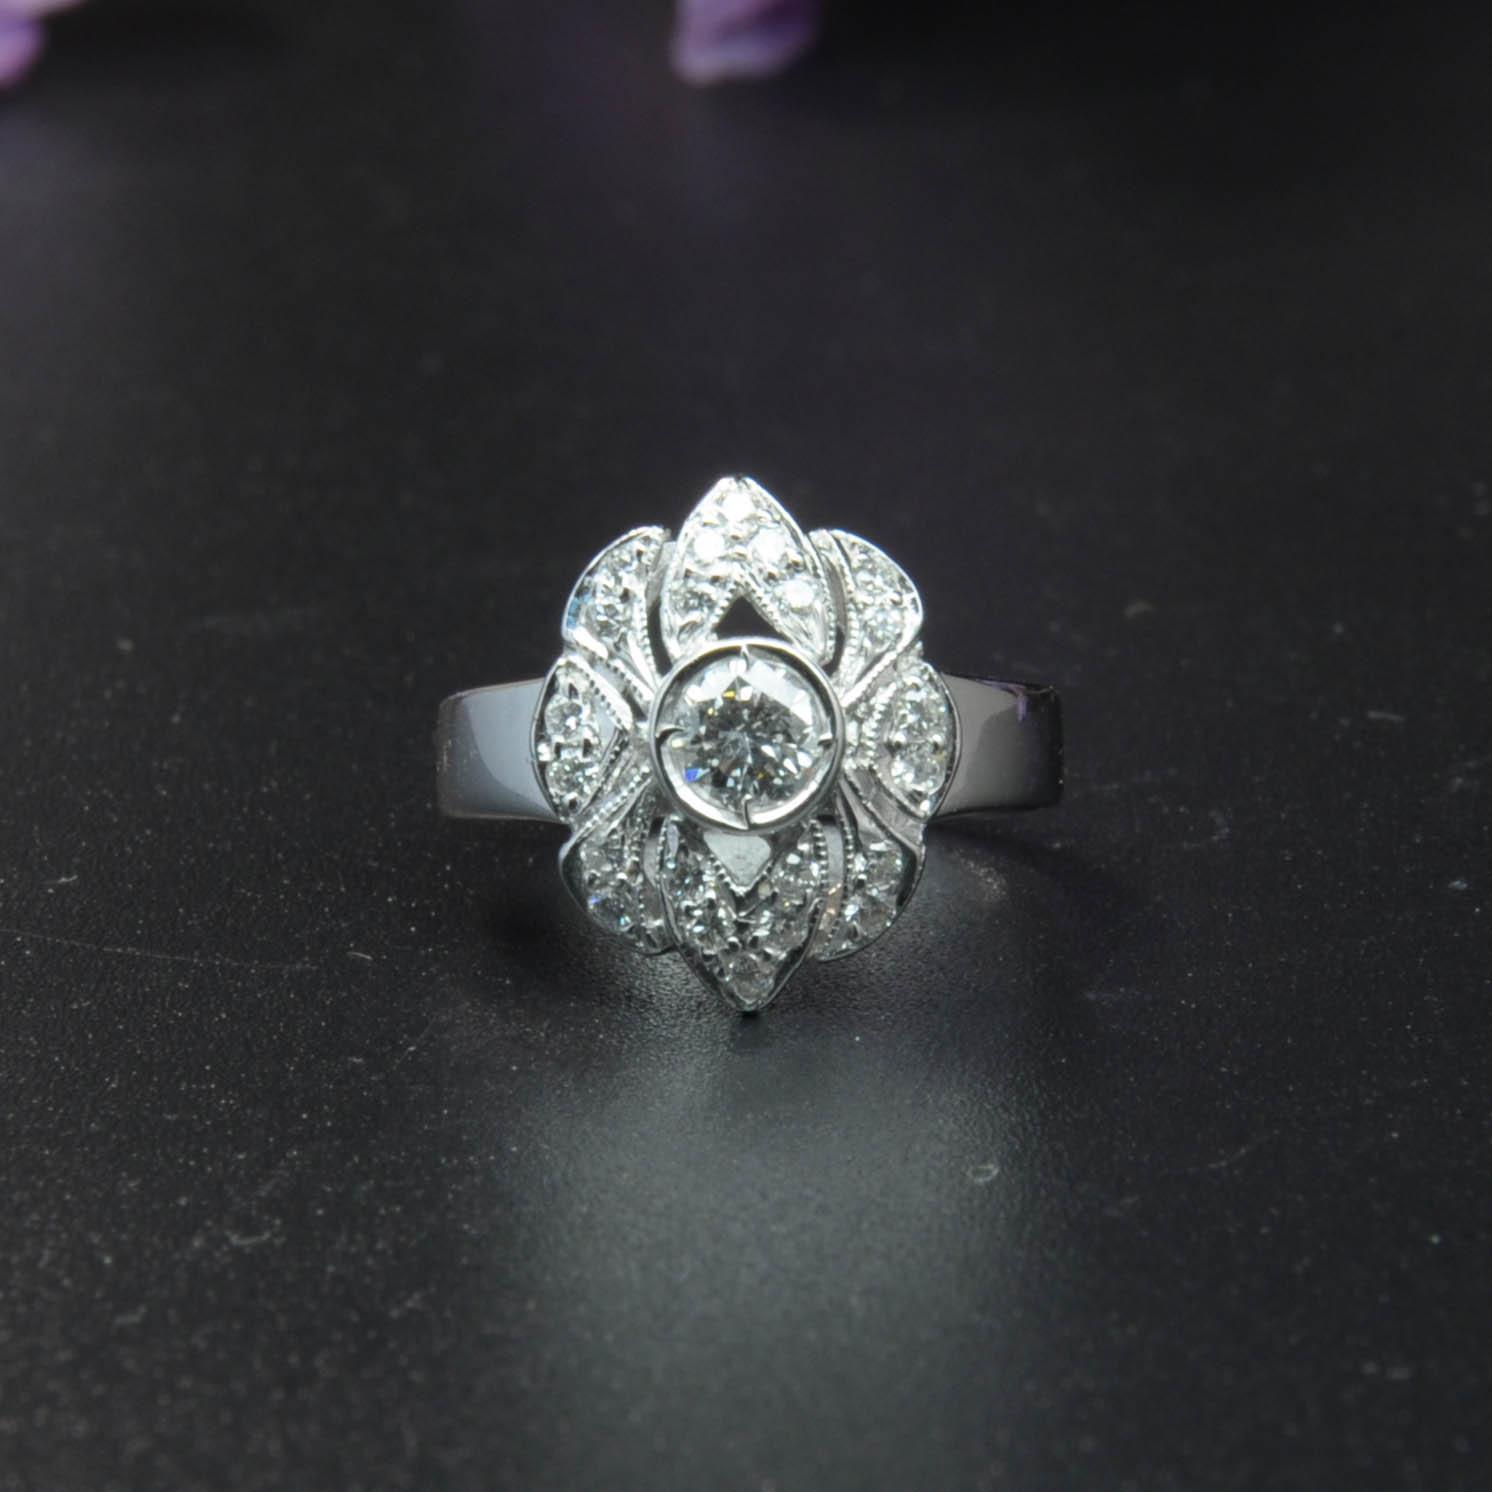 鑽石經典白K金戒指(Diamond Ring)